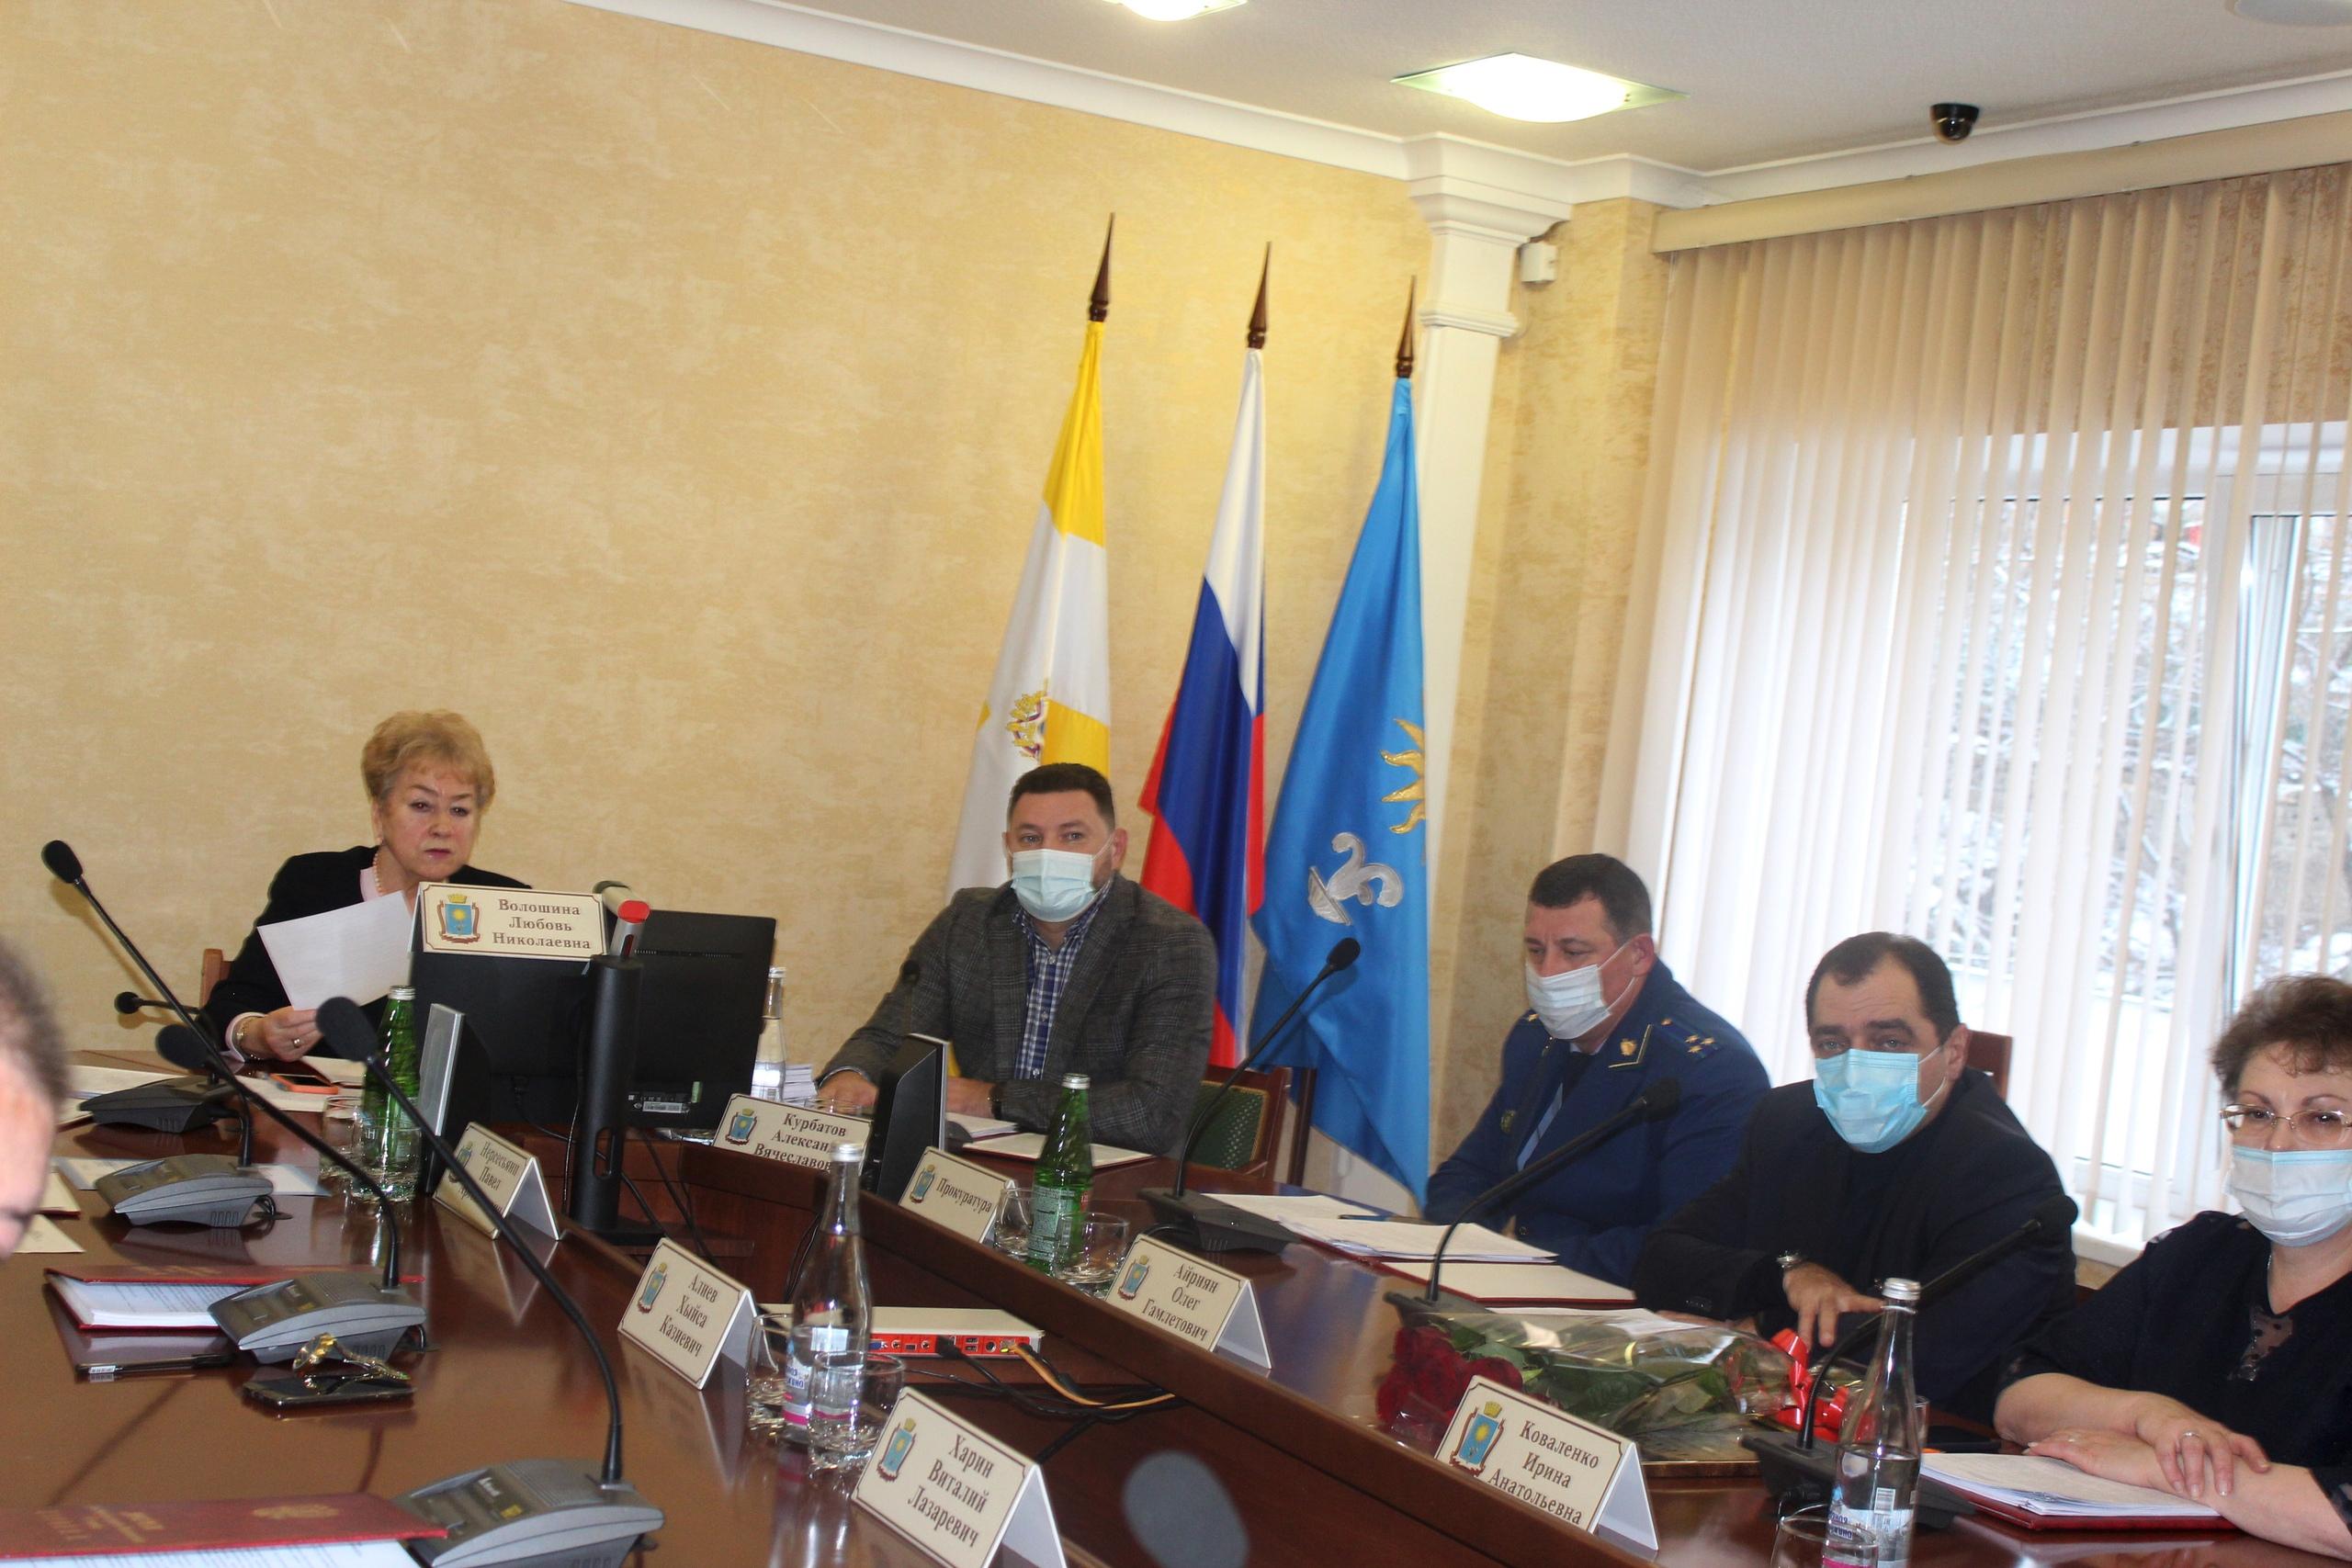 Принятый кисловодскими депутатами городской бюджет основан на наказах избирателей